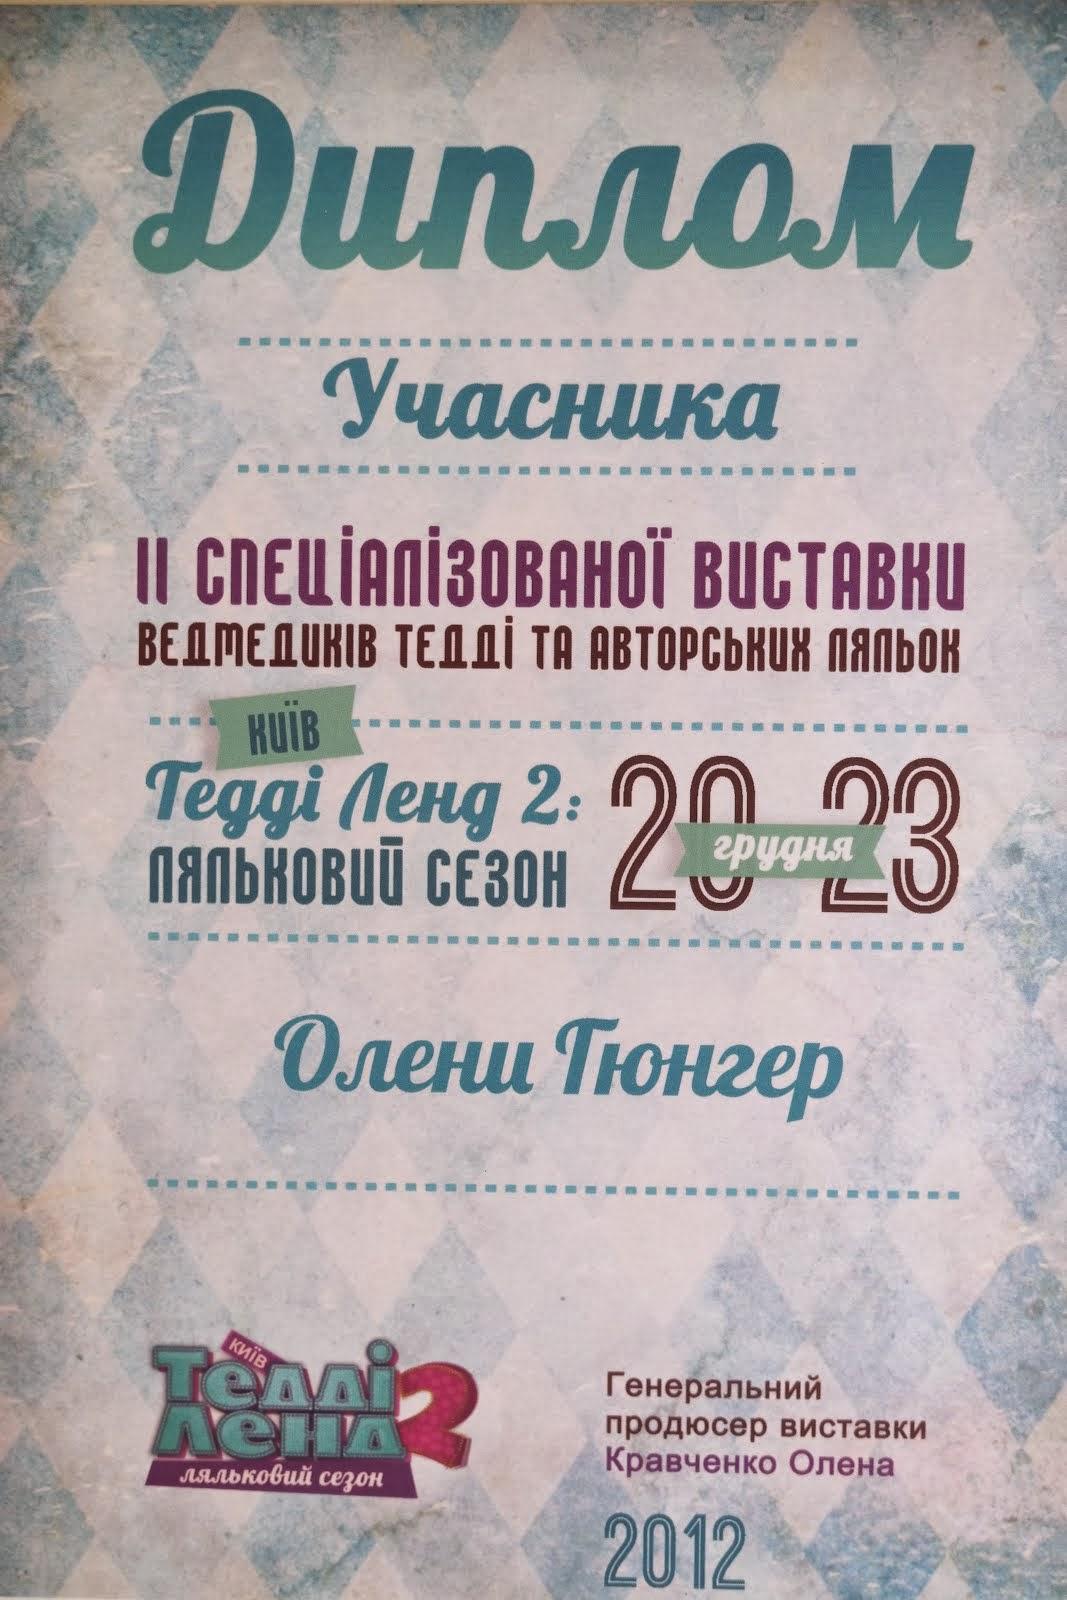 ТеддиЛенд-Киев-2012год